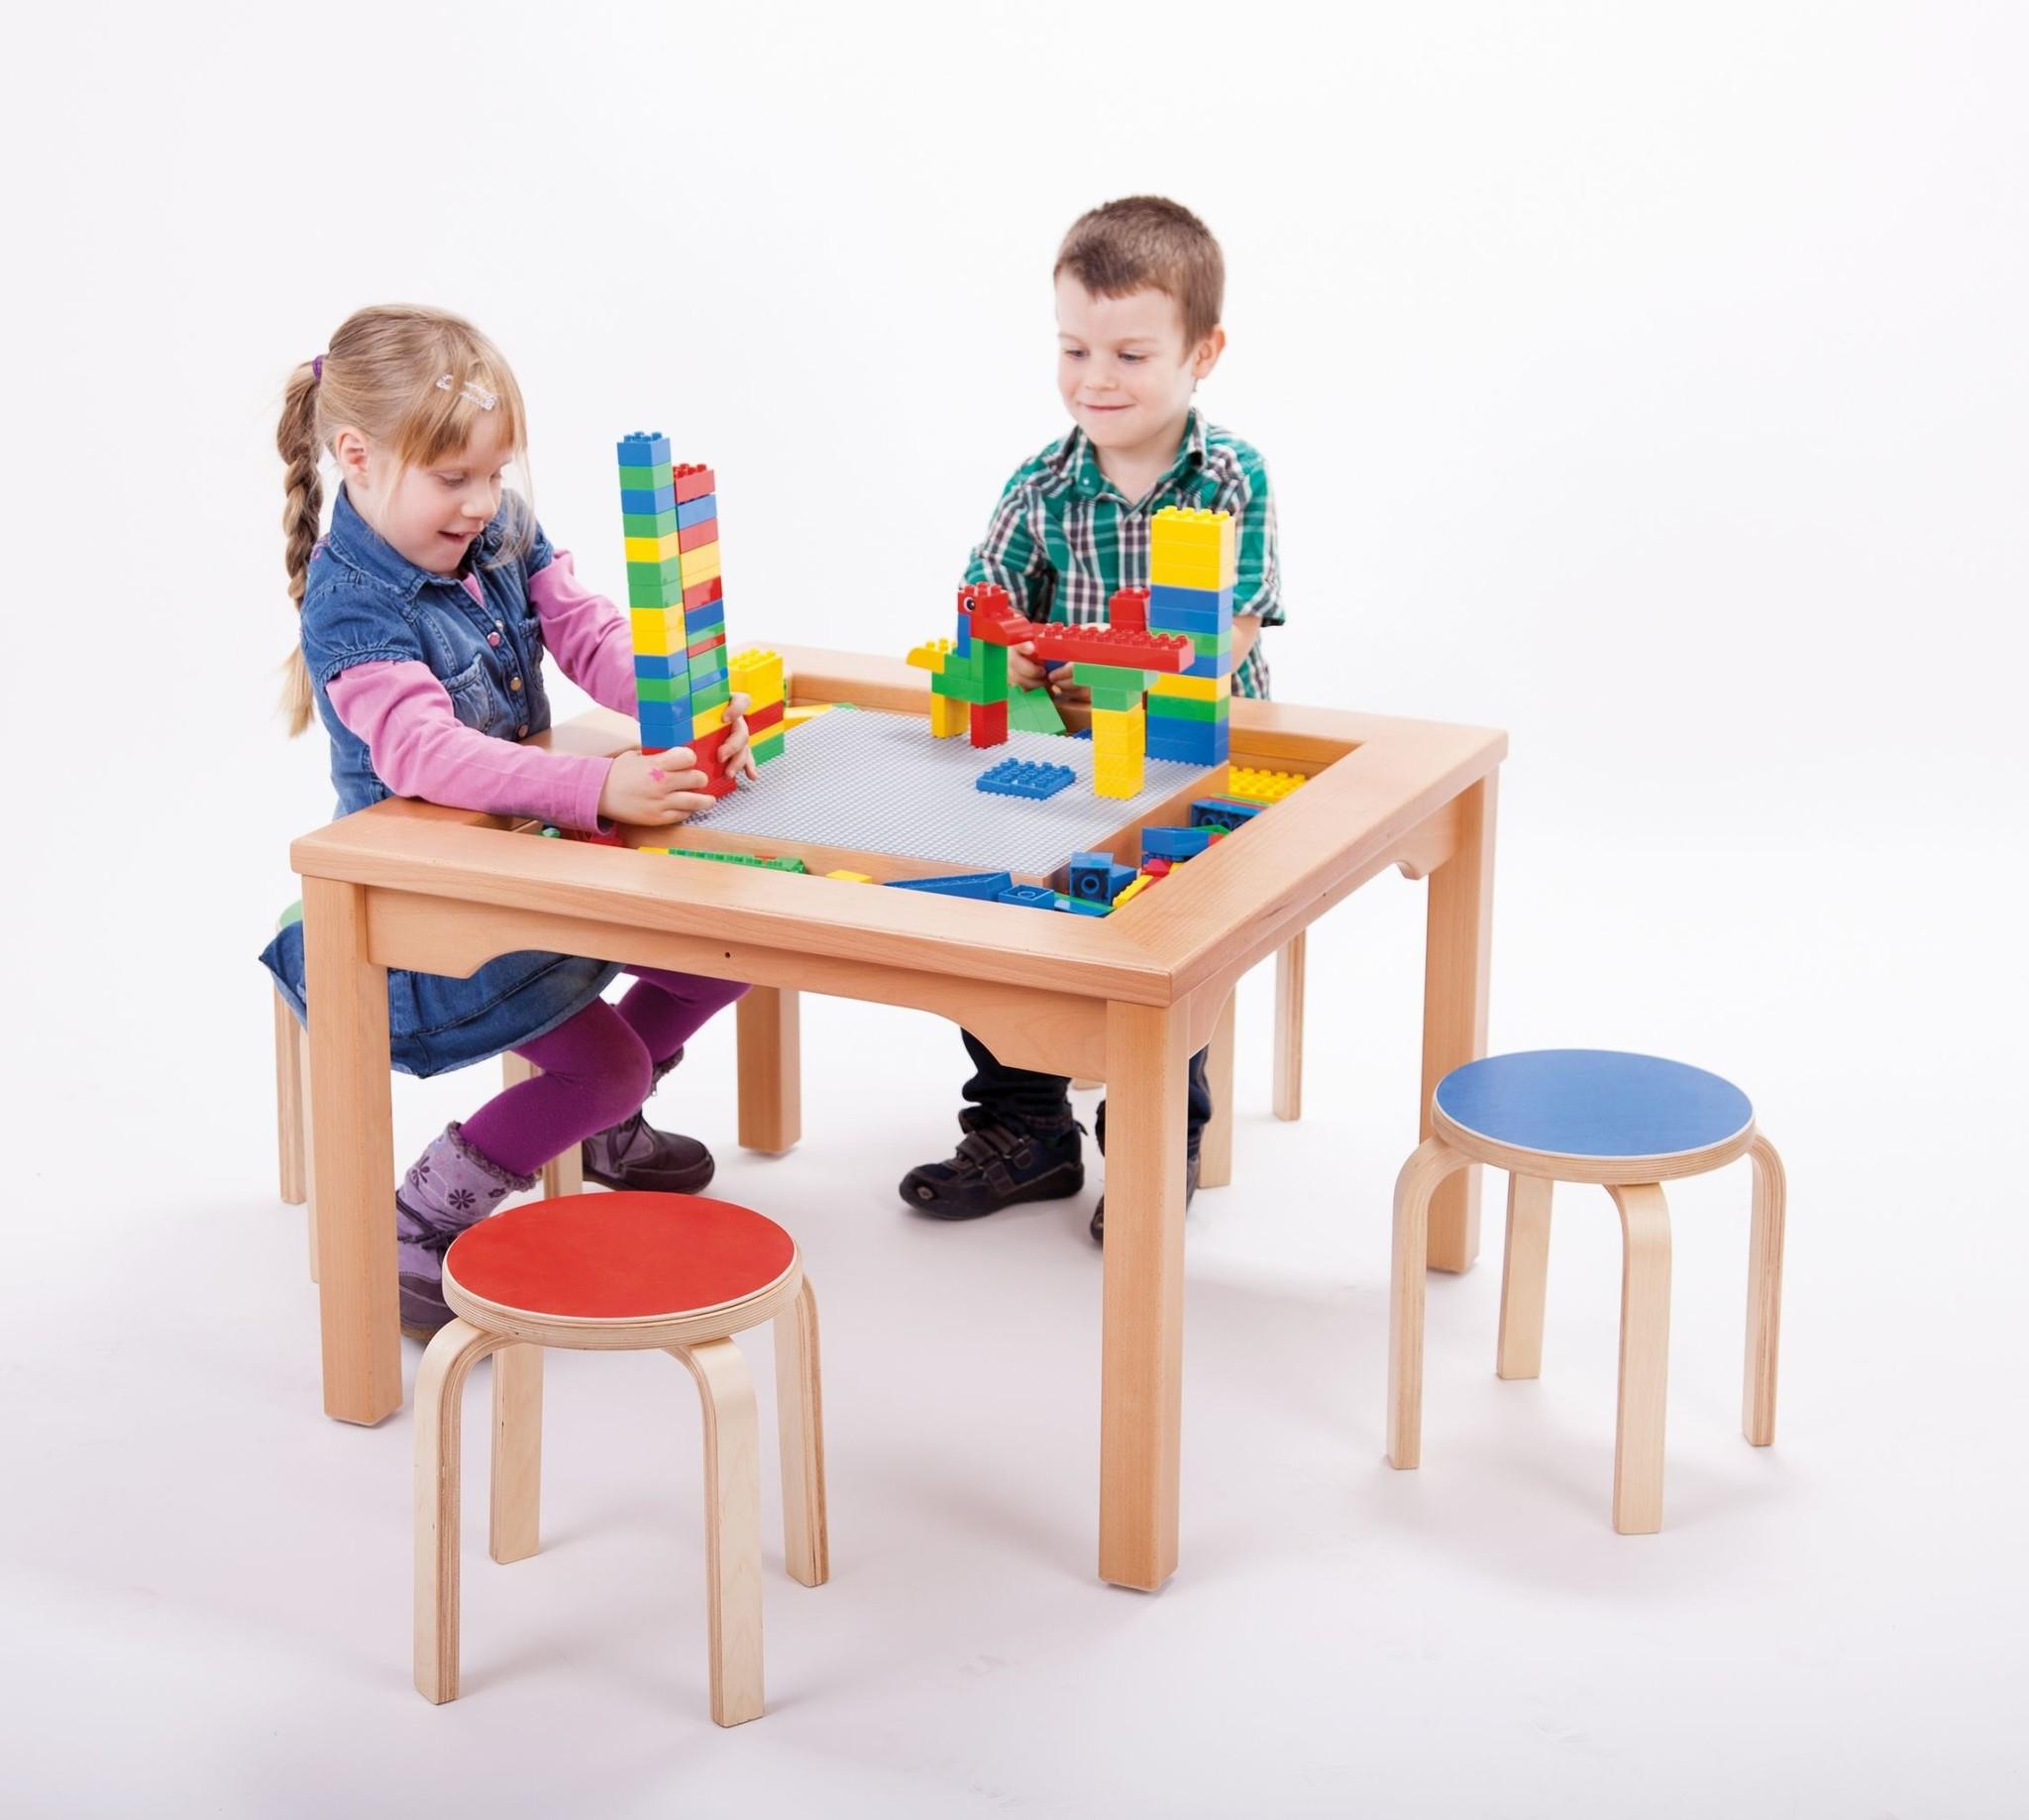 LEGO DUPLO Tisch Mit 4 Stühlen Und 144 DUPLO